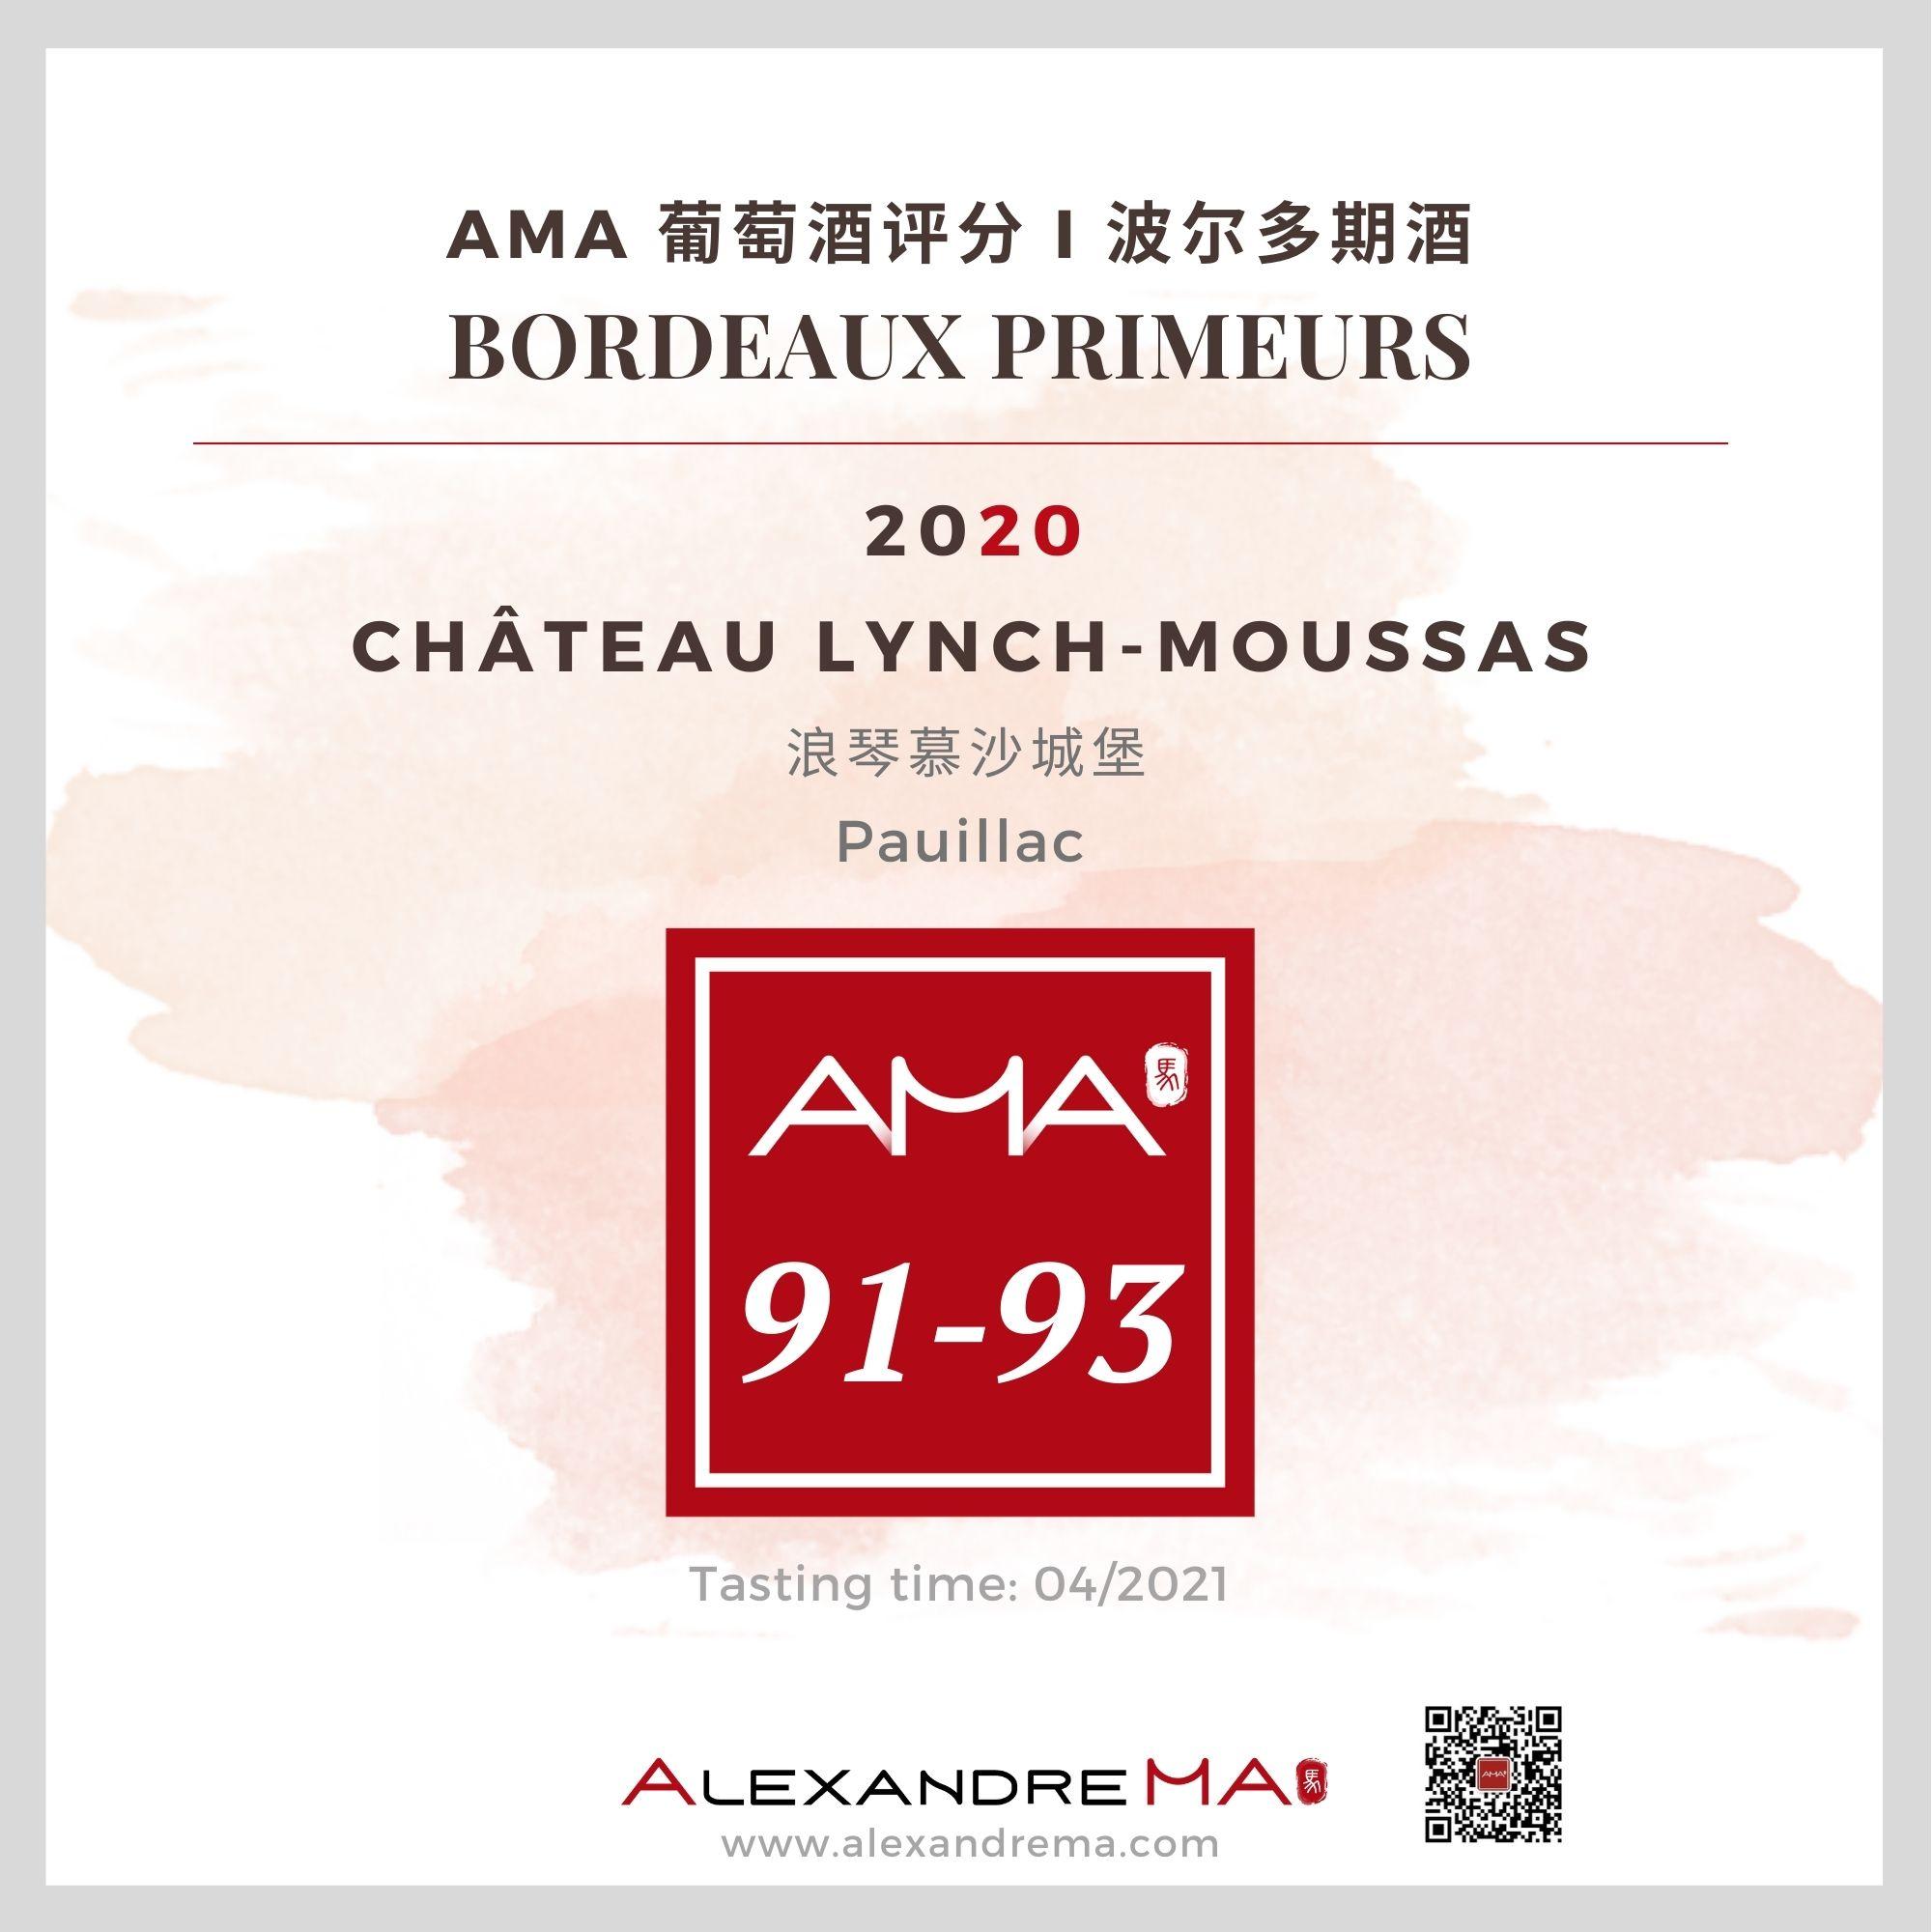 Château Lynch-Moussas 2020 - Alexandre MA